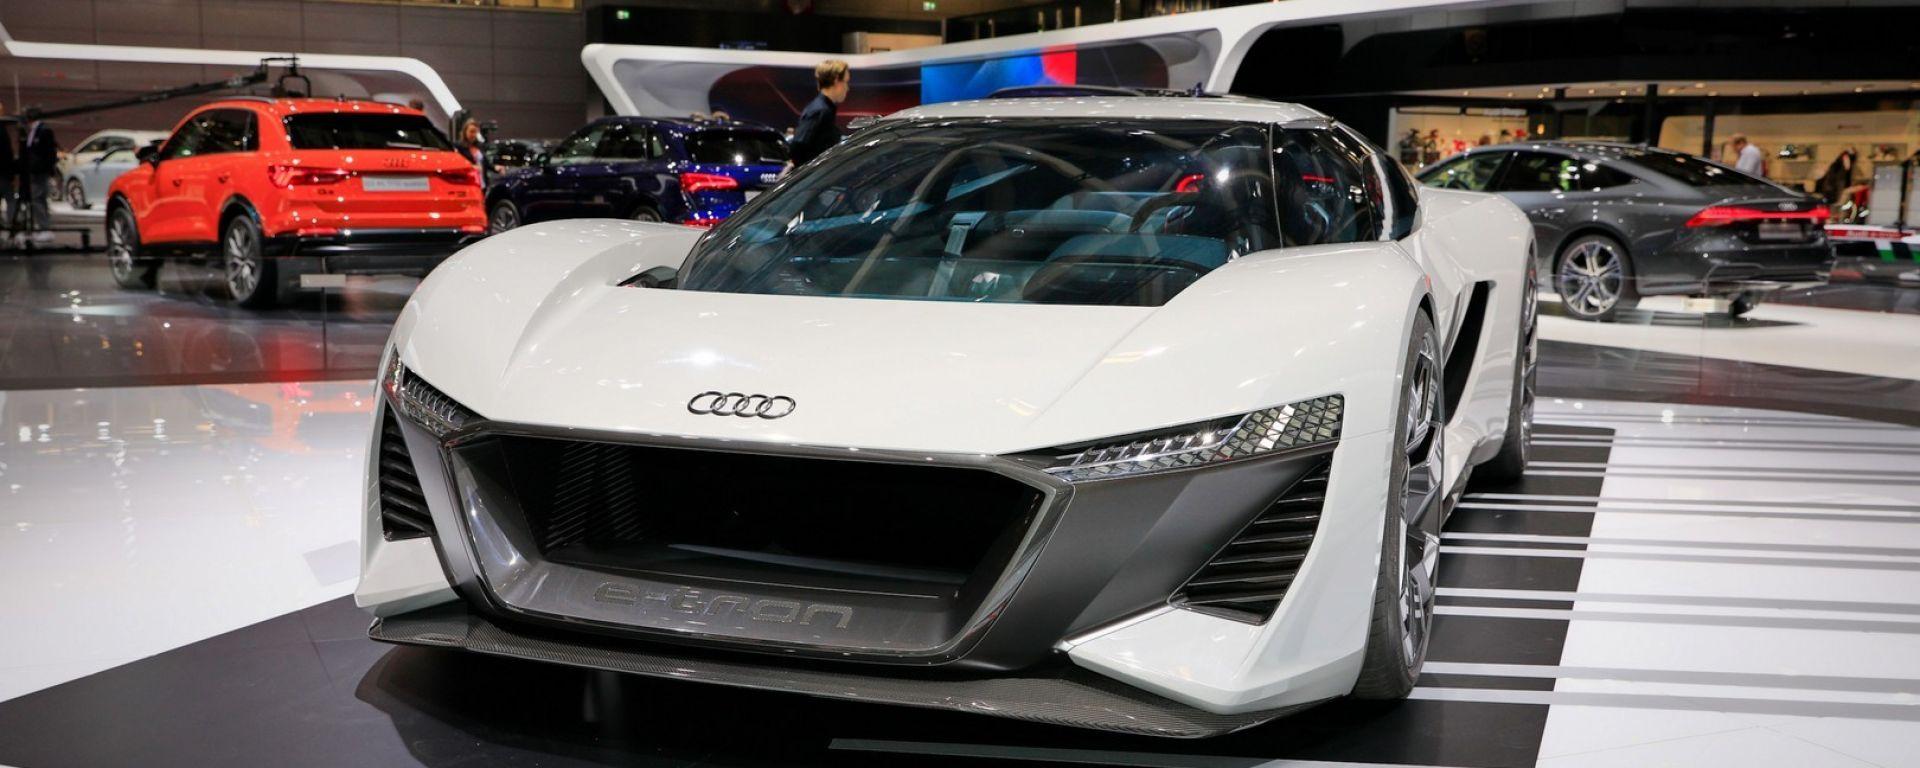 Audi PB18 e-tron concept, supercar elettrica trimotore